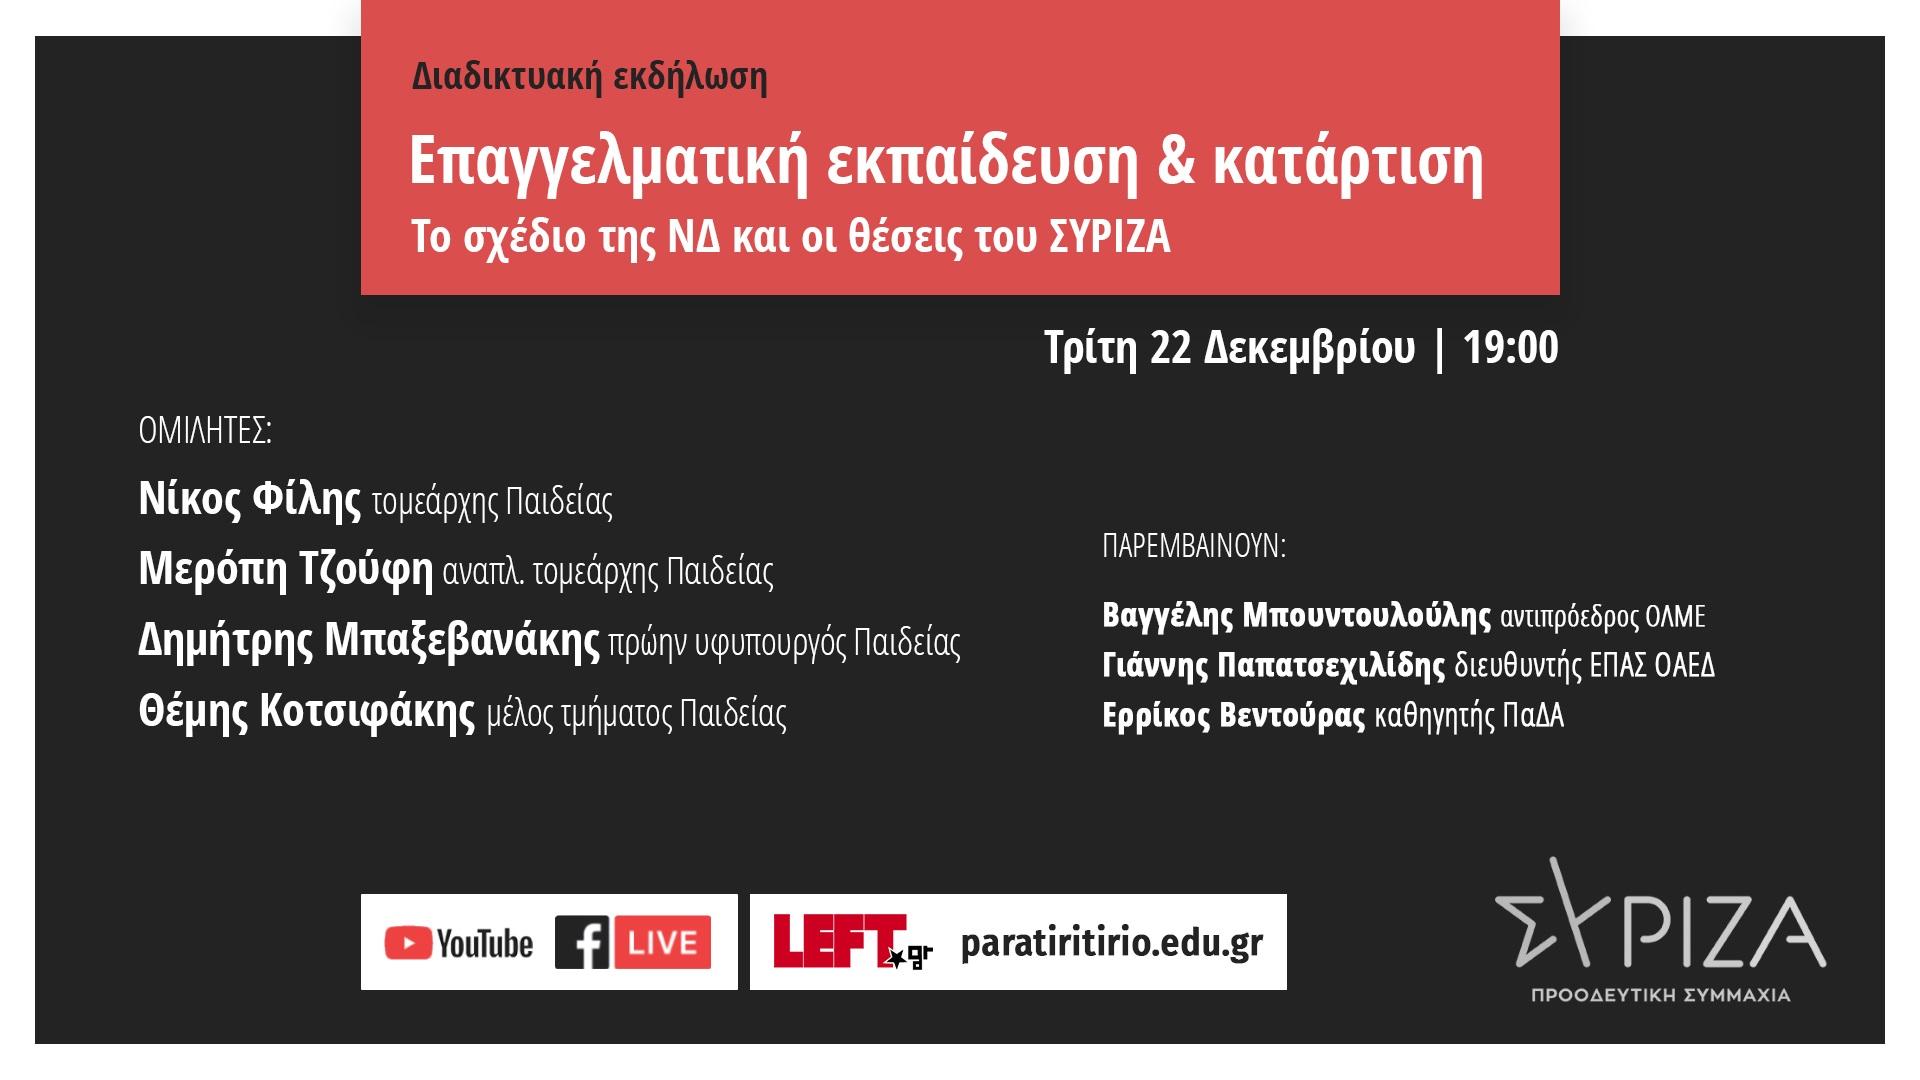 Το νομοσχέδιο της ΝΔ και οι θέσεις του ΣΥΡΙΖΑ